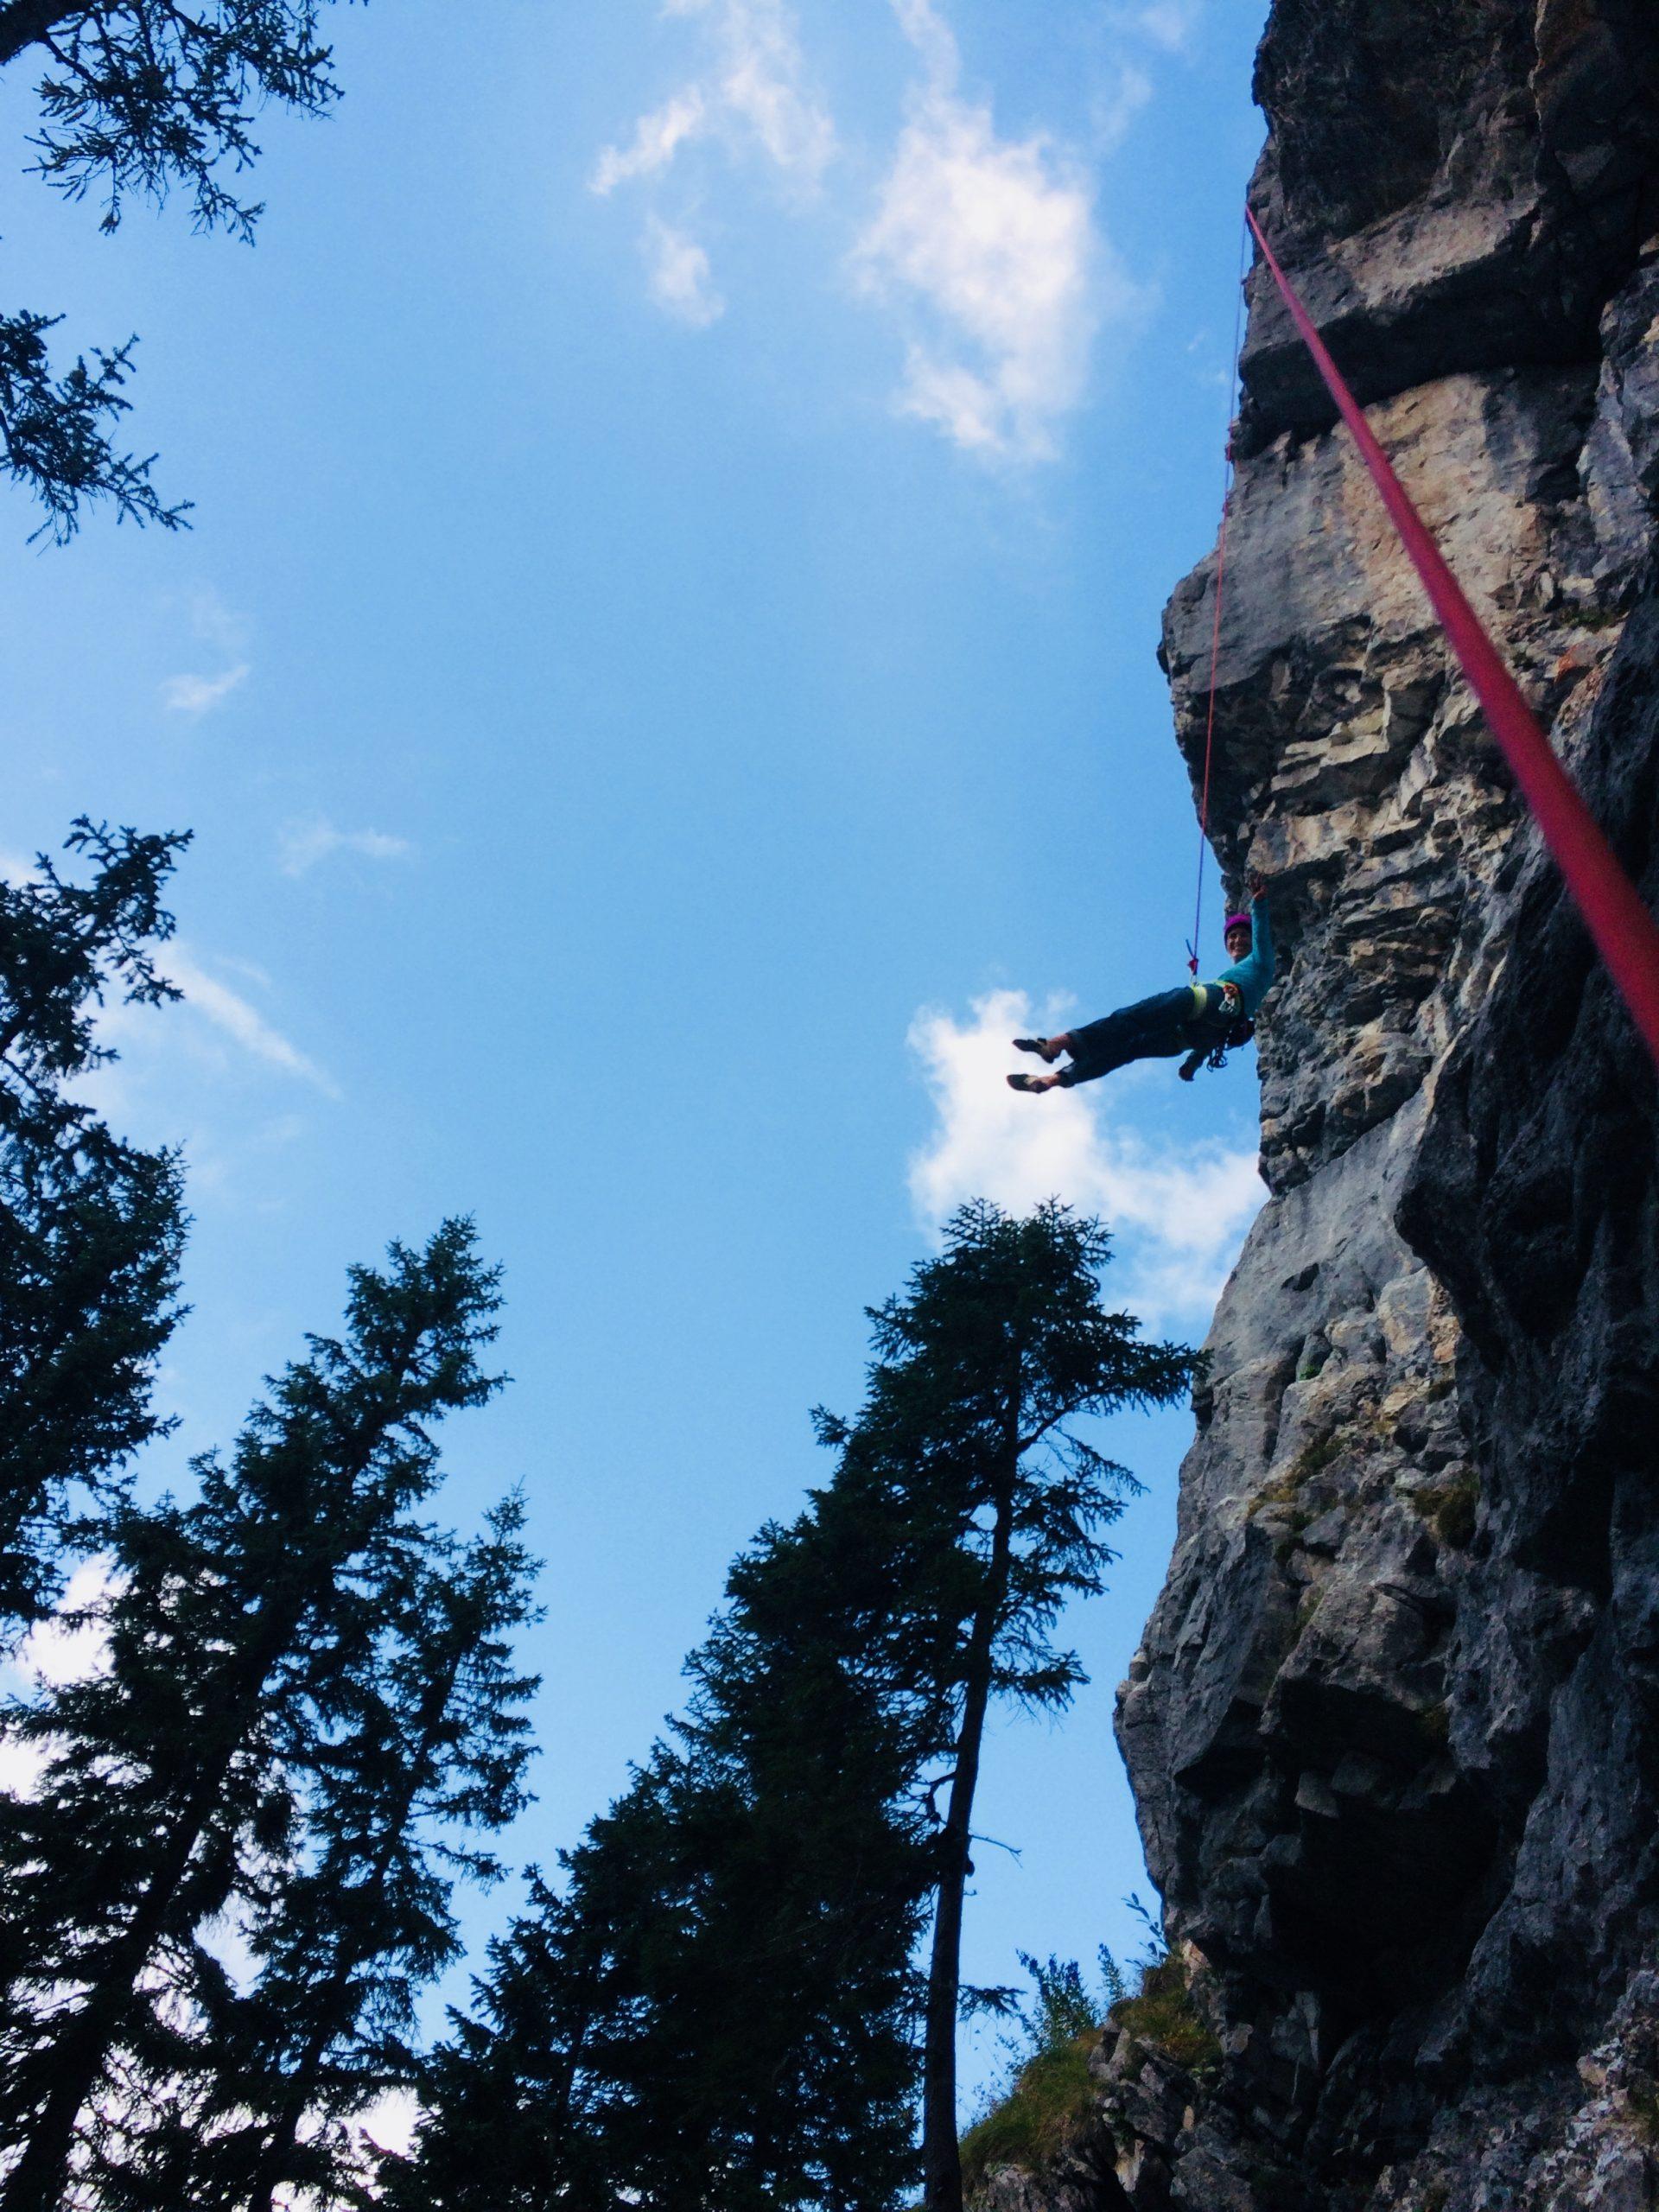 Susa Schreiner, Klettergebiet Kanzel - hinterer Sektor, Foto: Susa Schreiner I Climbers Paradise